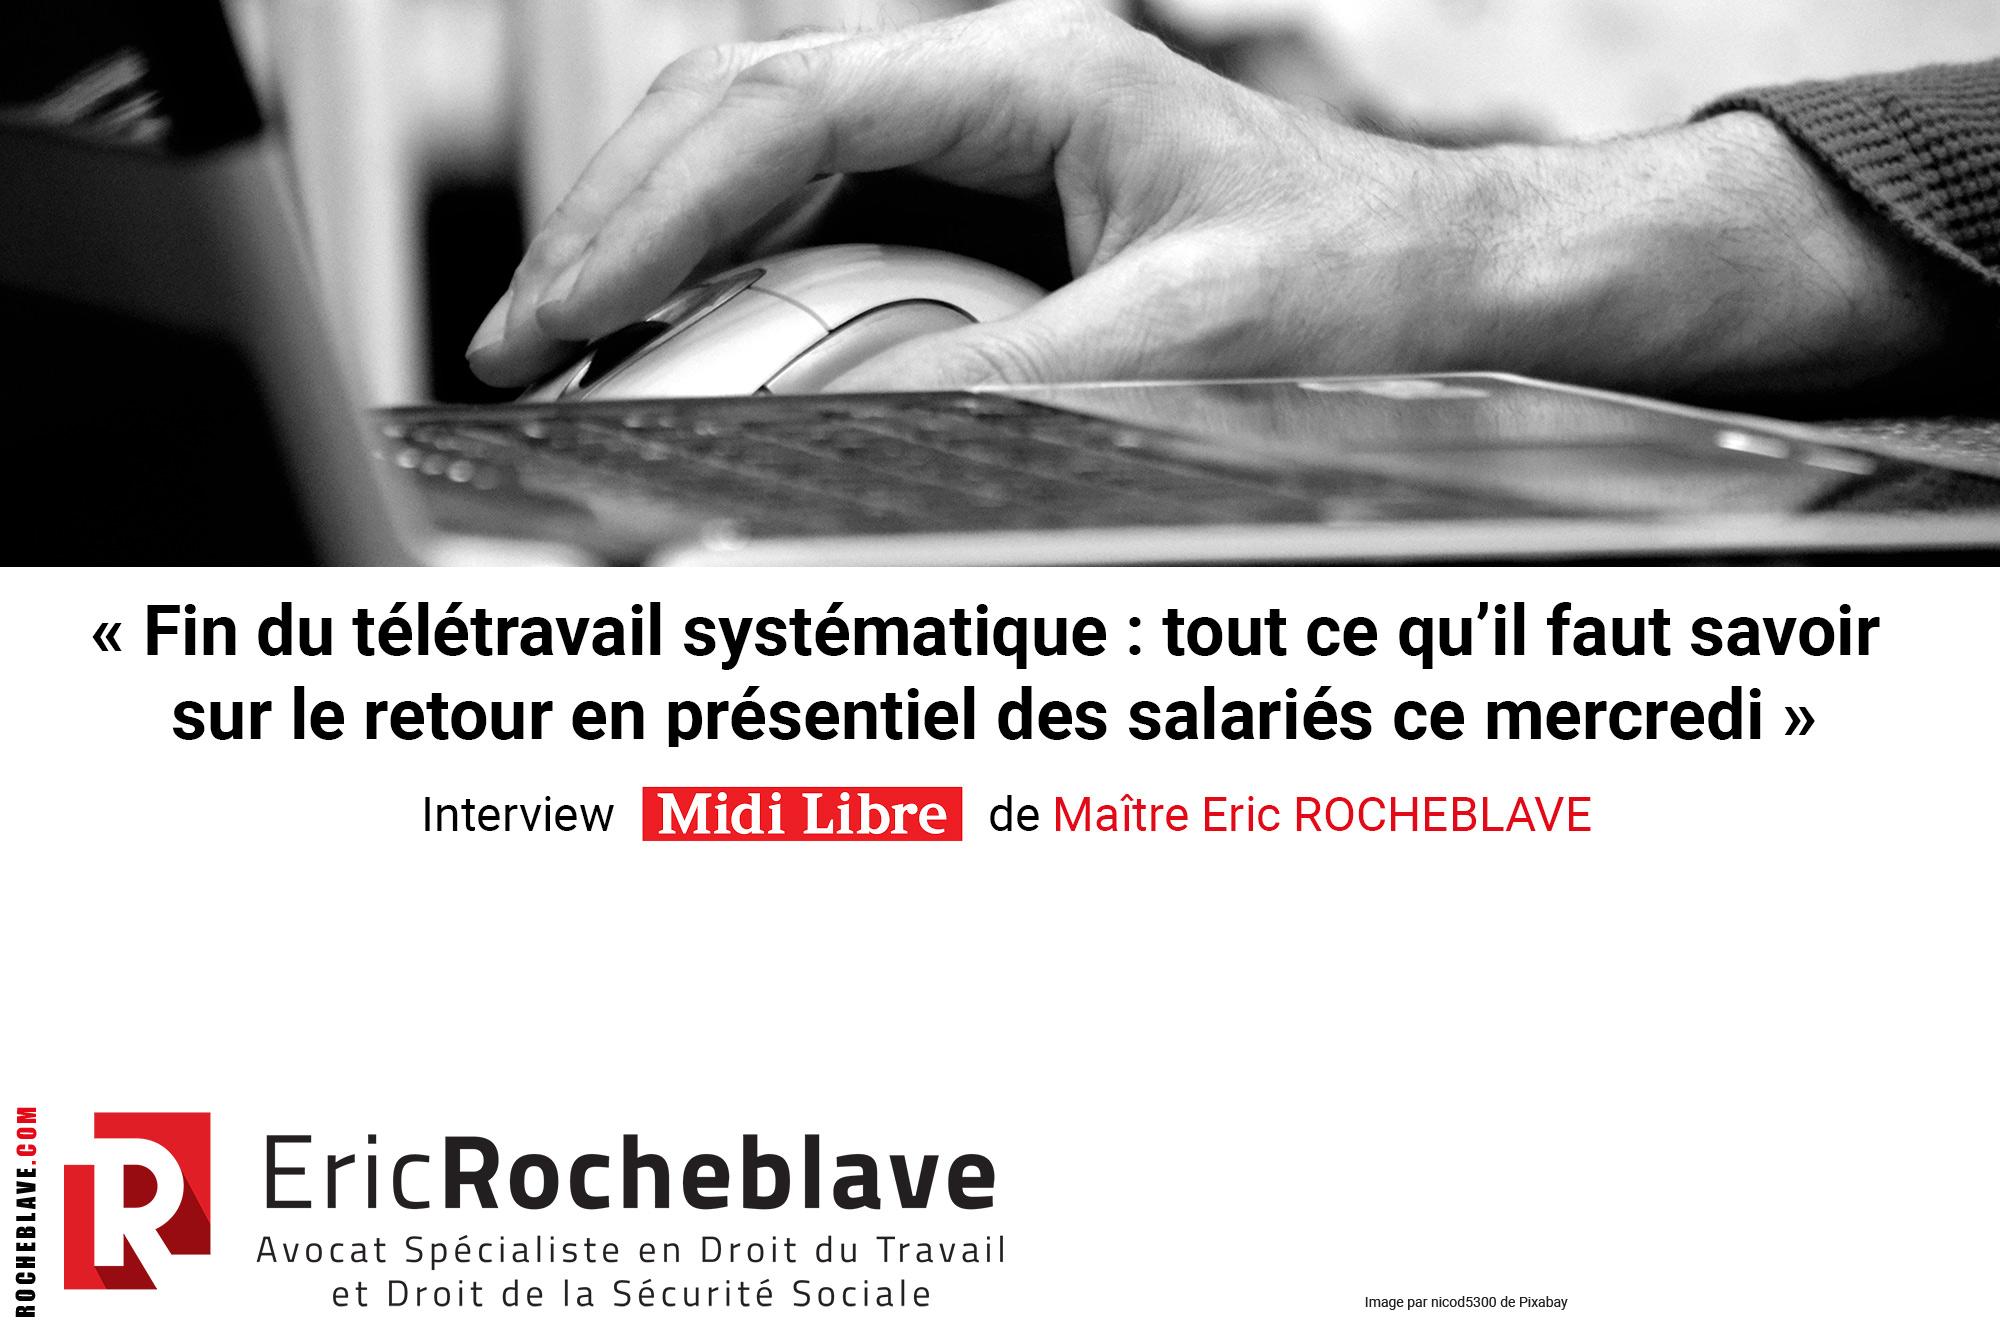 « Fin du télétravail systématique : tout ce qu'il faut savoir sur le retour en présentiel des salariés ce mercredi » Interview Midi Libre de Maître Eric ROCHEBLAVE